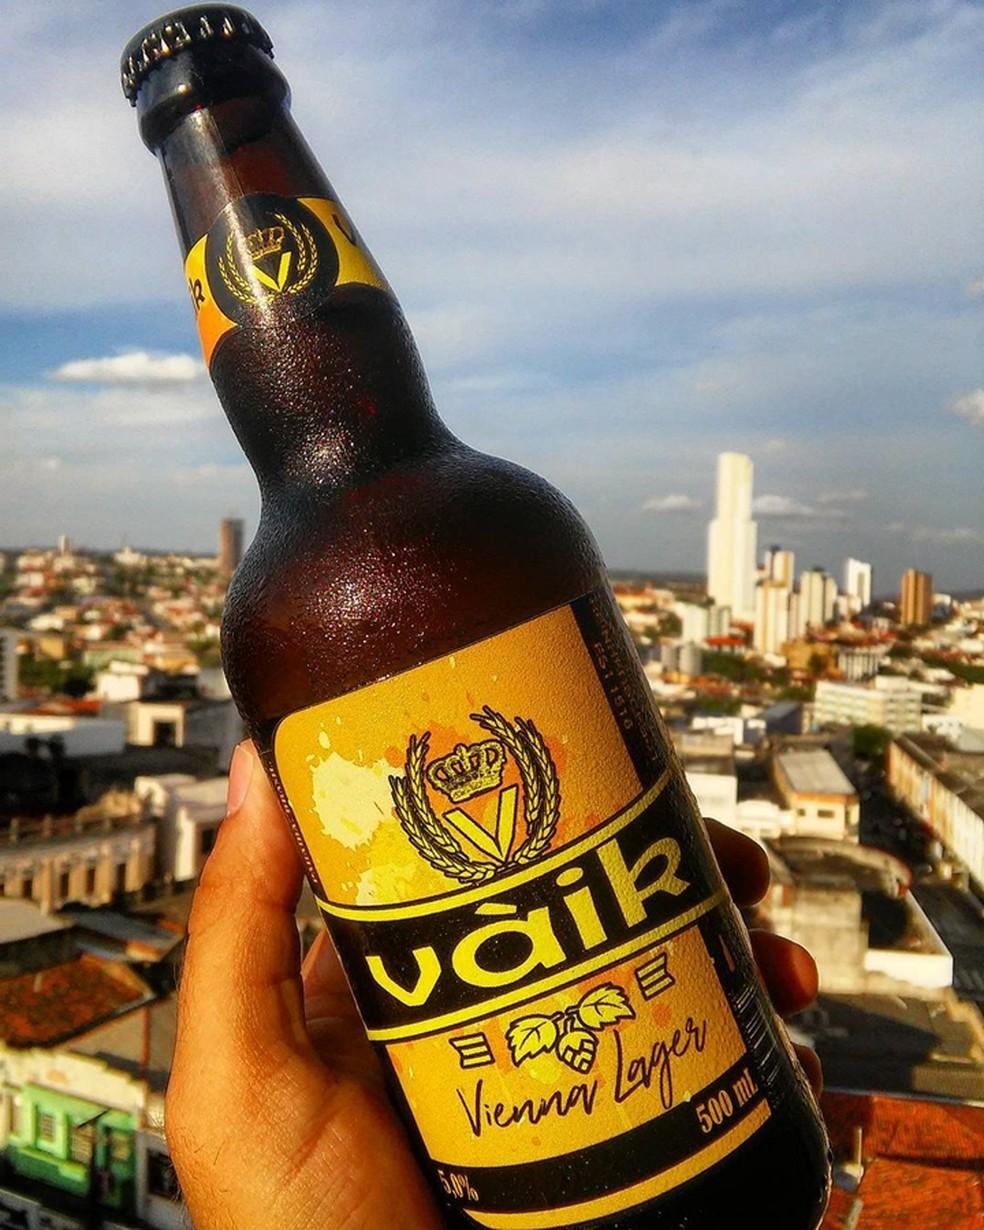 Primeira cerveja artesanal da Paraíba registrada no MInistério da Agricultura é de Patos, no Sertão (Foto: Reprodução/Instagram/vaikcervejaria)